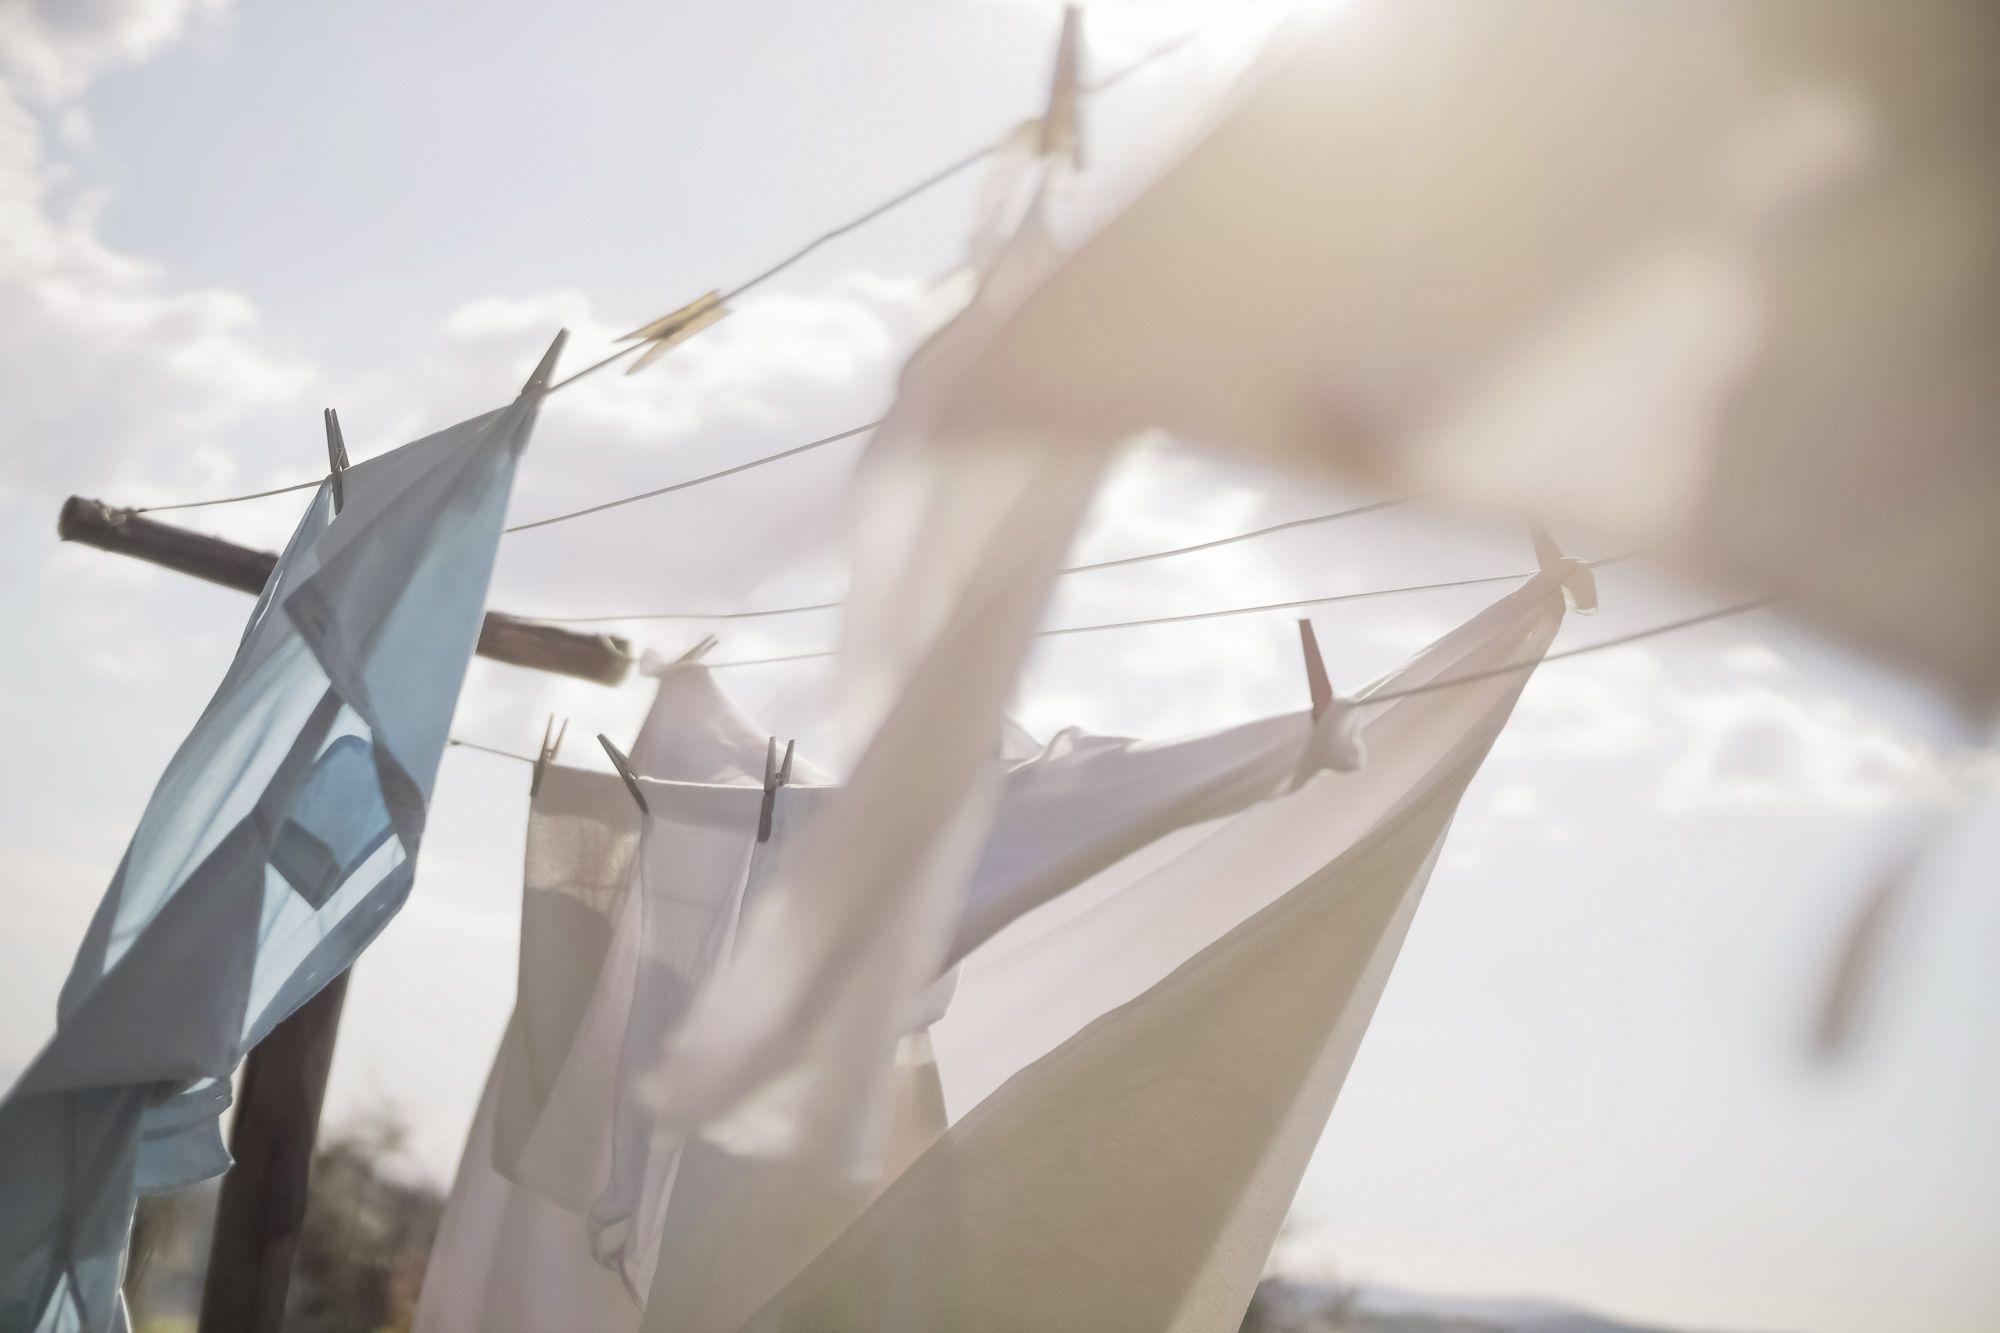 Palline Raccogli Peli Lavatrice.Perche Usare Carta Stagnola Nella Lavatrice E Una Bomba Per I Vestiti